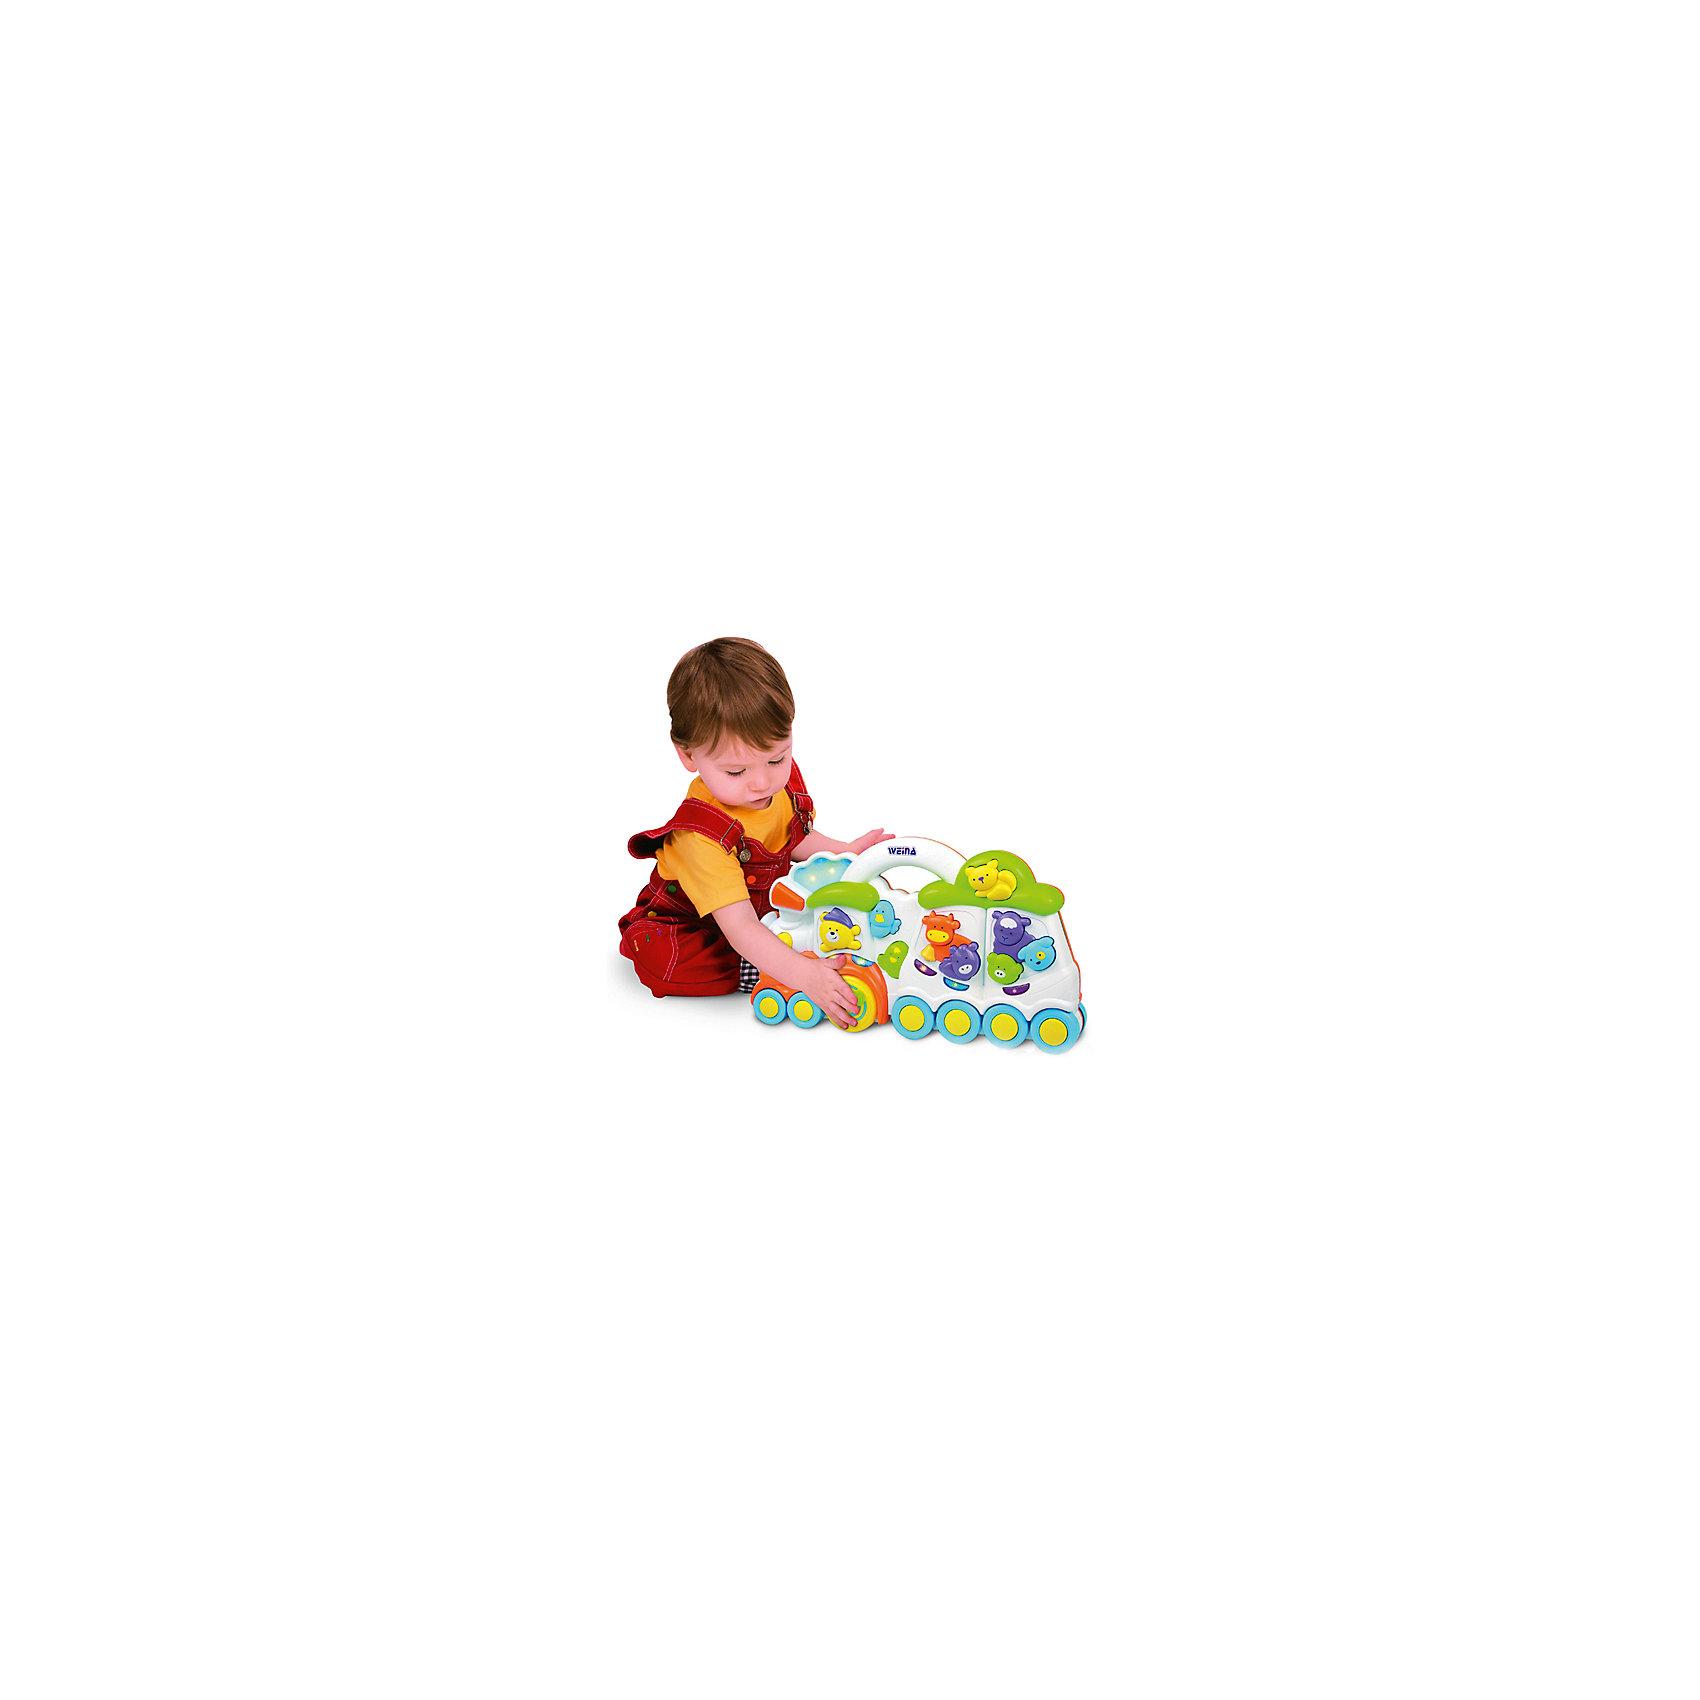 Паровозик Медвежонок и его друзья, WeinaПаровозик  Медвежонок и его друзья подарит малышам множество улыбок и хорошее настроение. Скорее садись в поезд с мишкой и его друзьями и отправляйся  в веселое музыкальное путешествие. Нажимай на животных и кнопки, чтобы услышать забавные звуки и мелодии! <br><br>Дополнительная информация:<br><br>- Материал: пластик.<br>- Размер: 50х45х33 см.<br>- Звуки: колокол, труба, поезд, животные, мелодии.<br>- Ручка для толкания.<br>- Элемент питания: 2 батарейки  AA1,5 В (в комплекте).<br><br>Паровозик Медвежонок и его друзья, Weina можно купить в нашем магазине.<br><br>Ширина мм: 610<br>Глубина мм: 450<br>Высота мм: 330<br>Вес г: 2900<br>Возраст от месяцев: 12<br>Возраст до месяцев: 36<br>Пол: Мужской<br>Возраст: Детский<br>SKU: 4125052